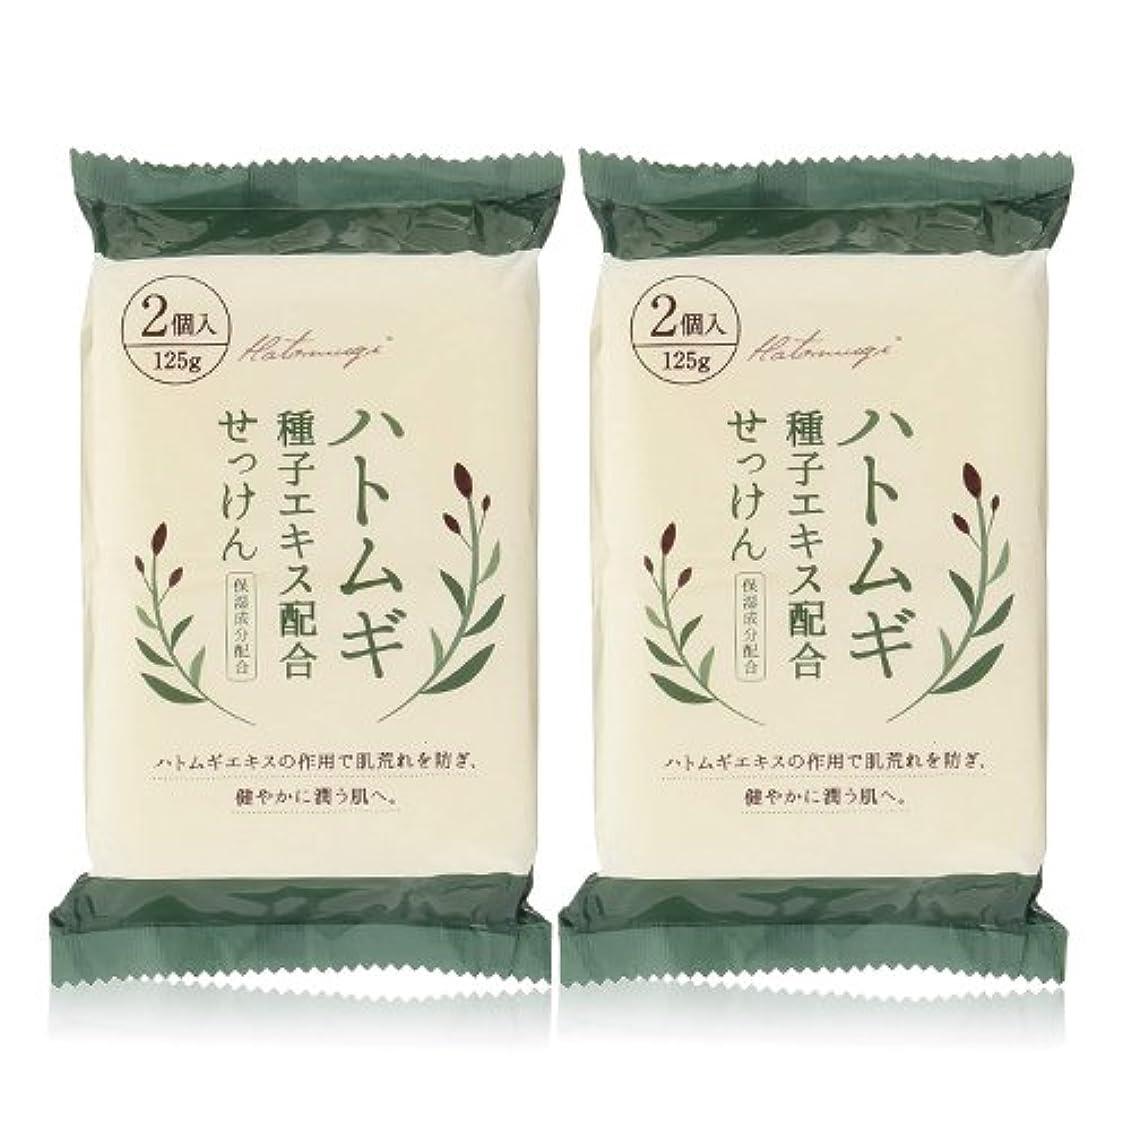 翻訳キャンペーンお勧めハトムギ種子エキス配合石けん 125g(2コ入)×2個セット(計4個)